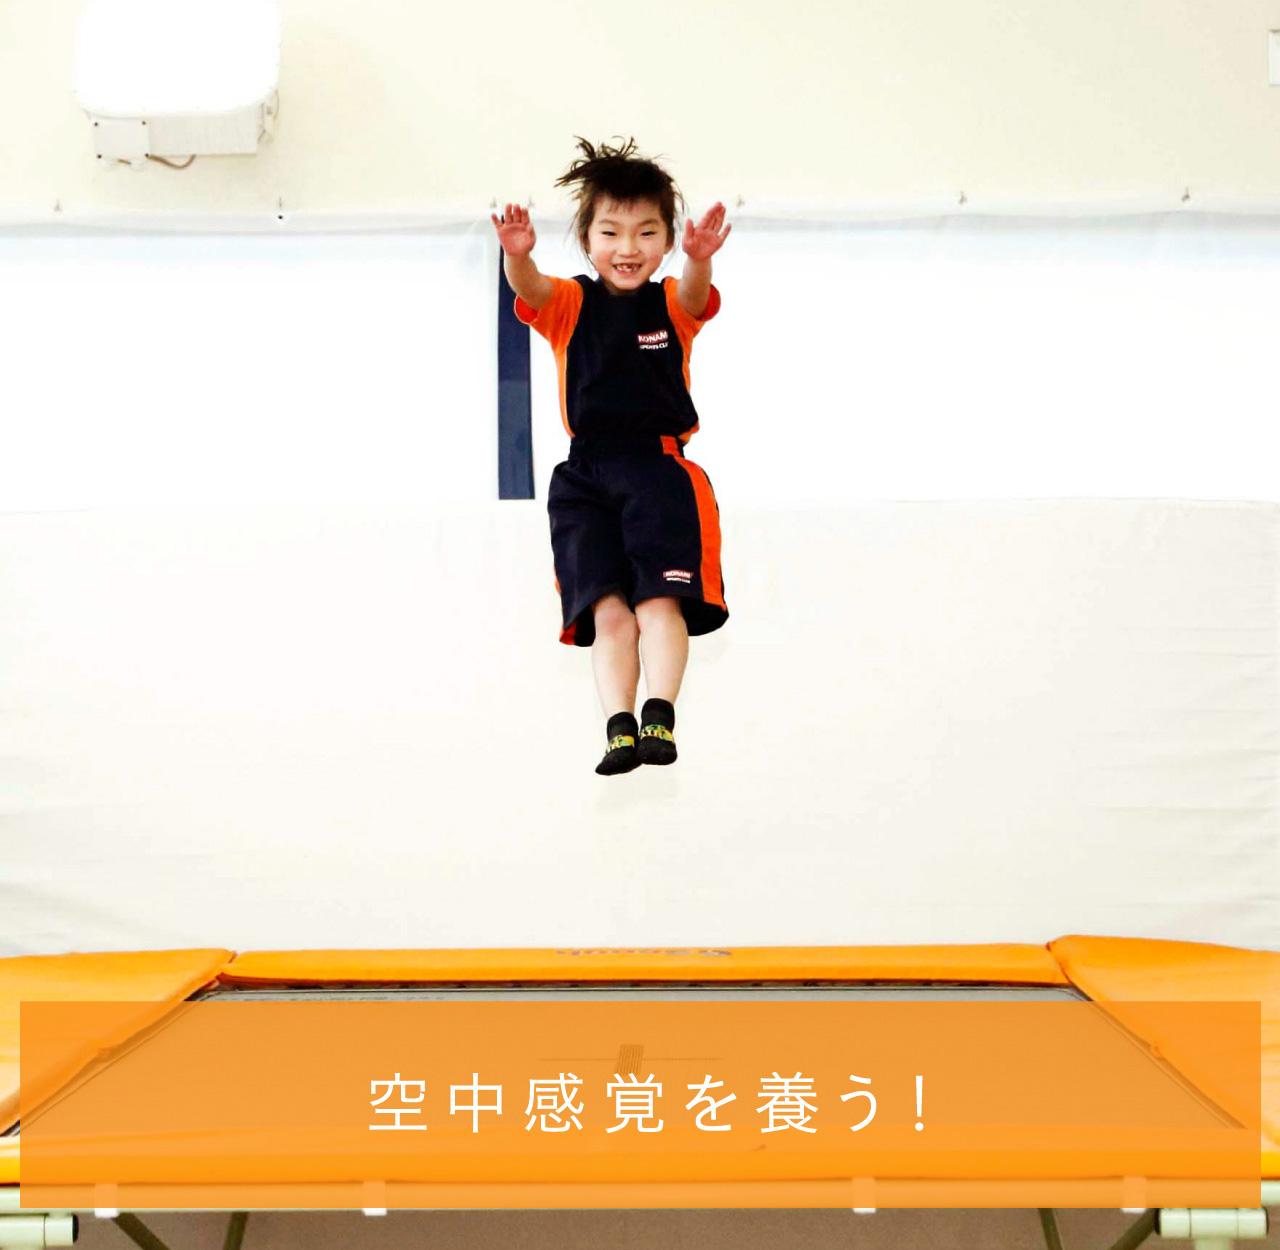 大和 コナミ 八木 スポーツ